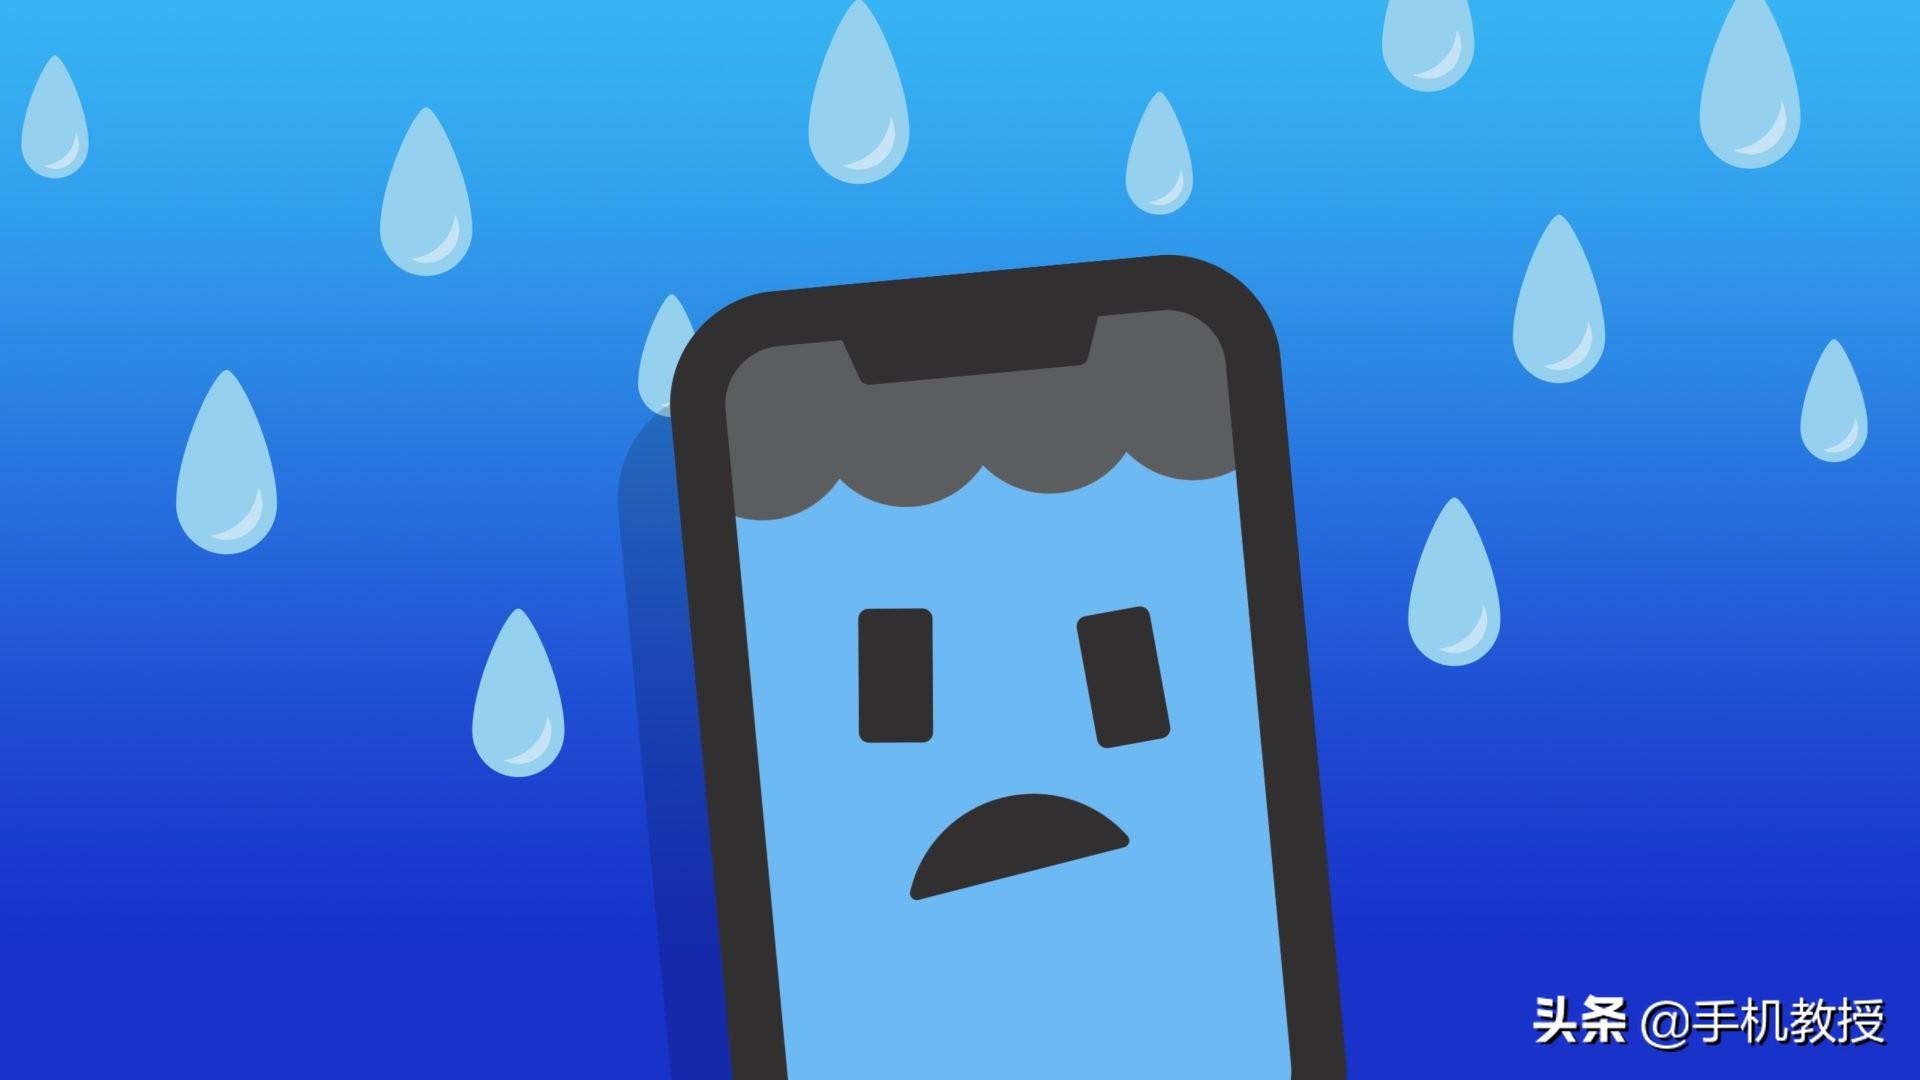 手机屏幕进水了之后有水印怎么办(手机进水水印几天消失)